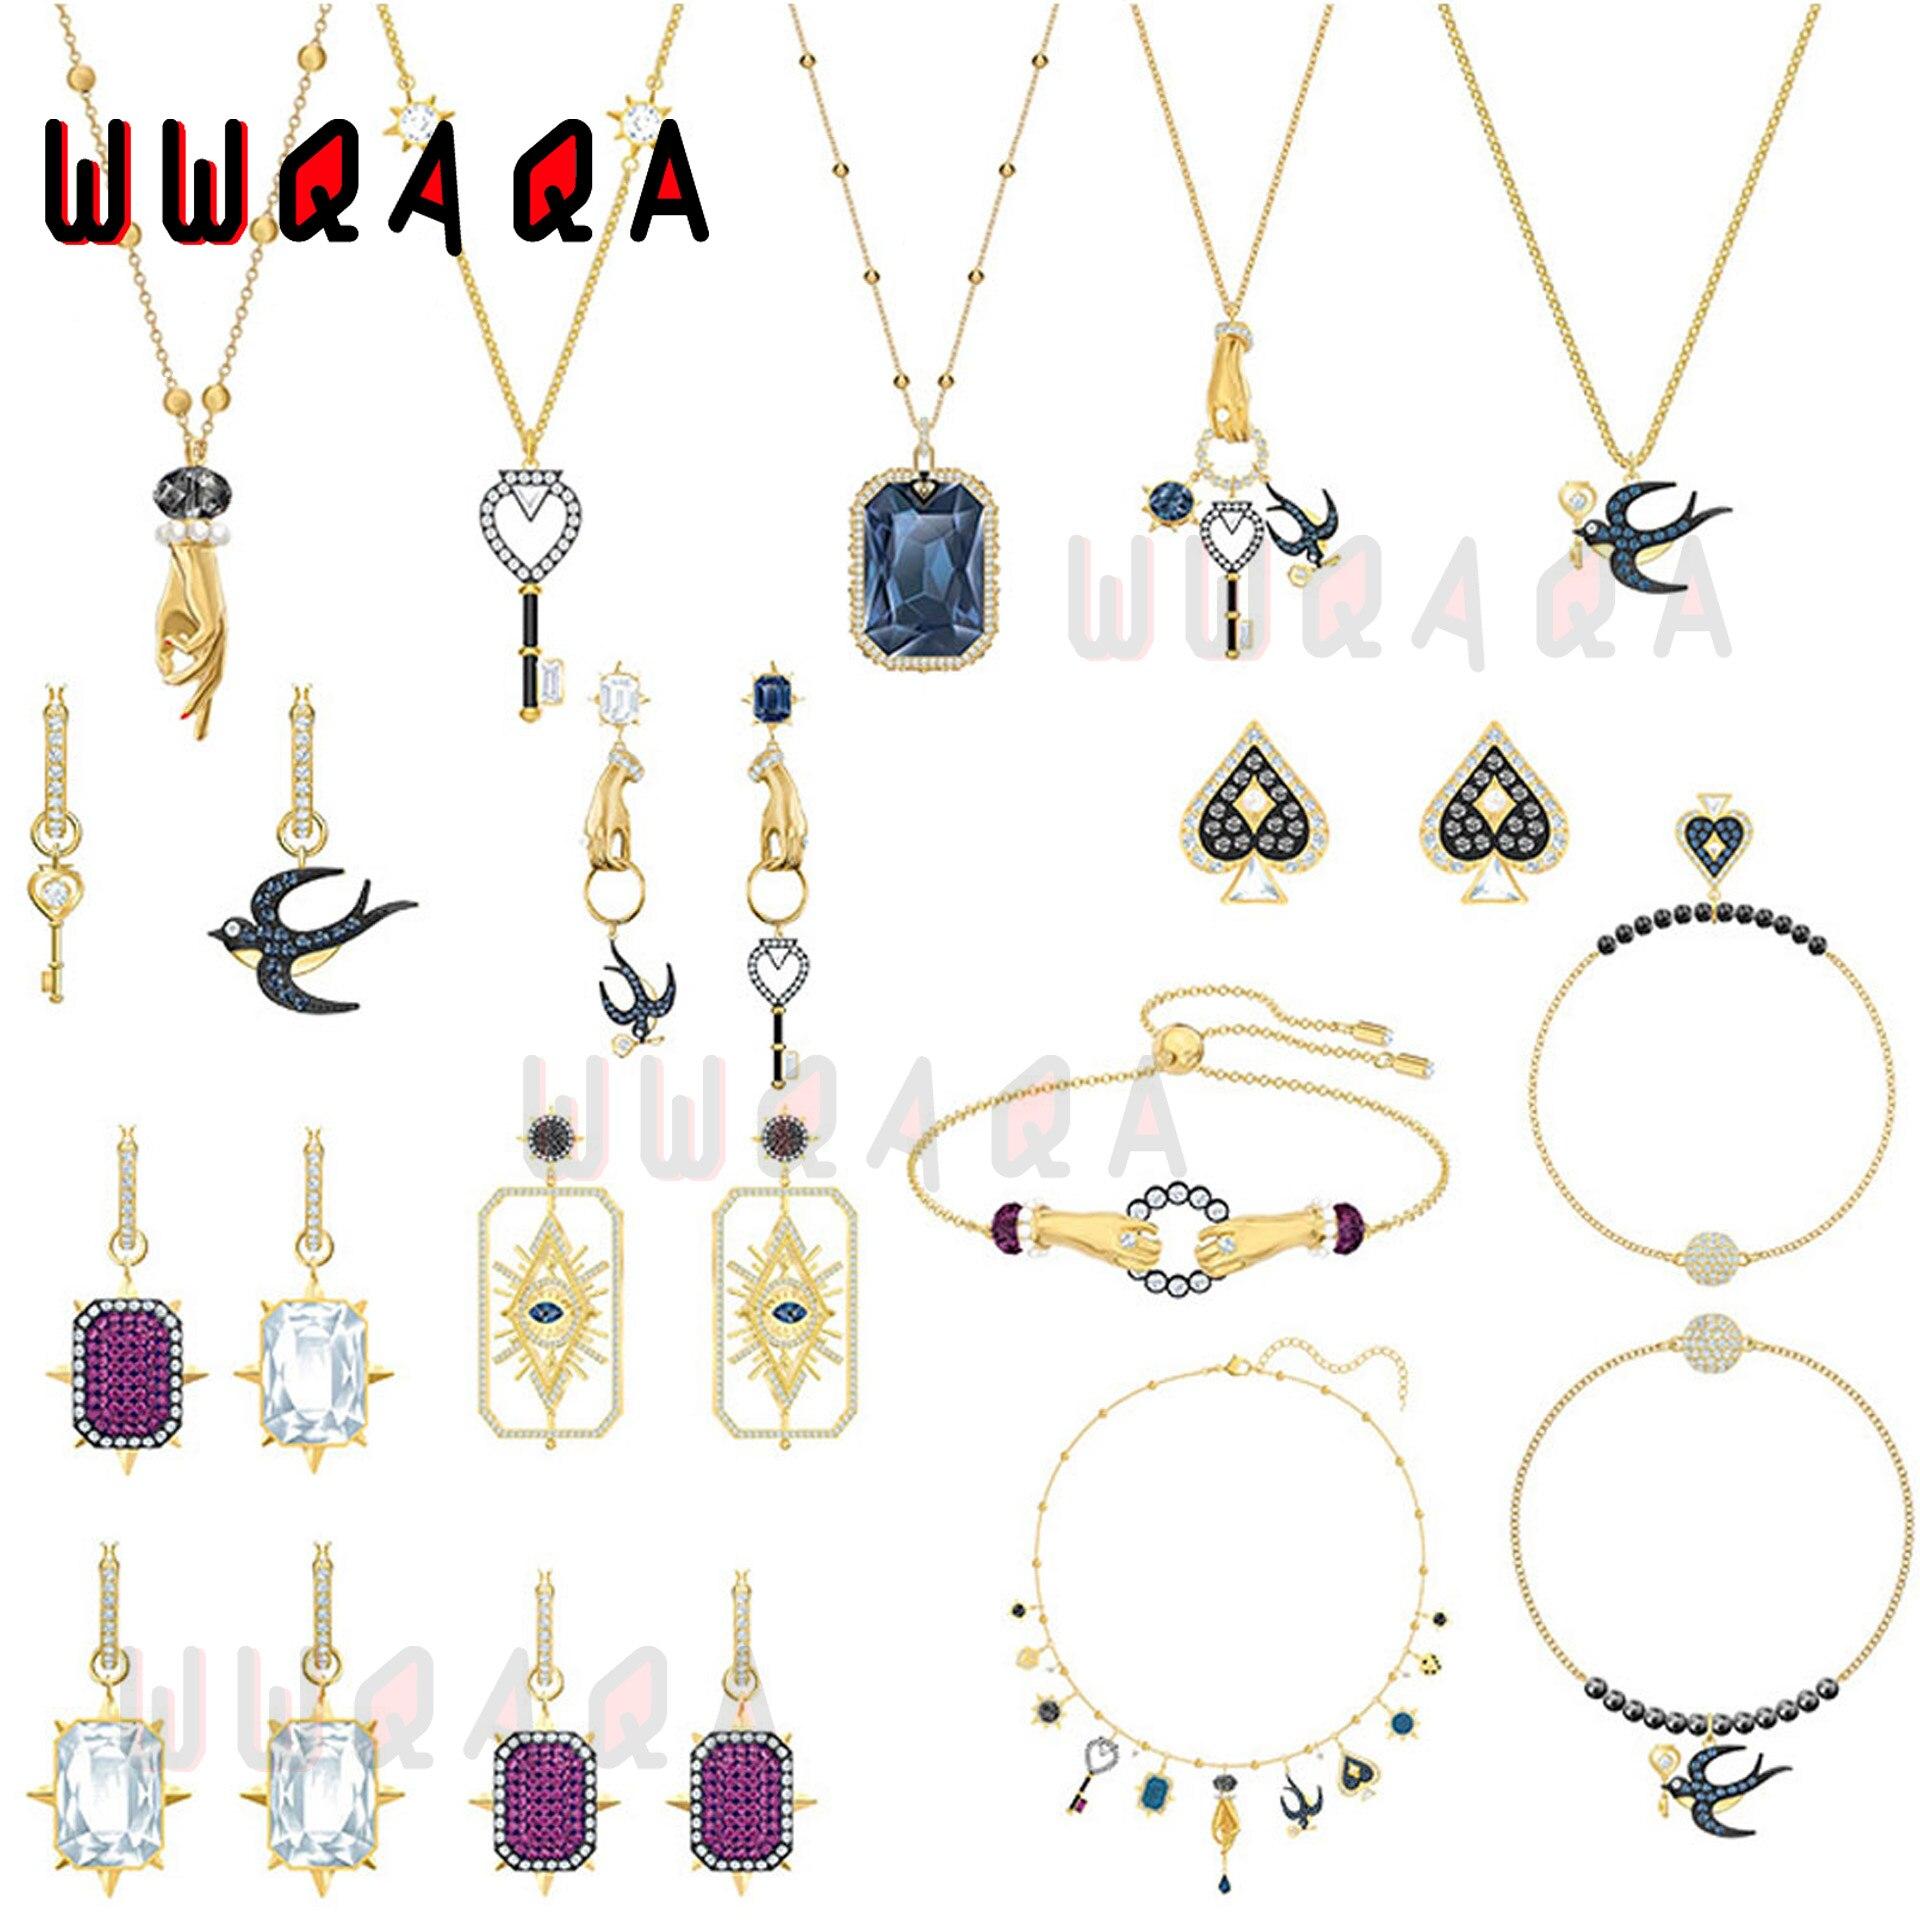 Модные-женские-ювелирные-изделия-swa-очаровательные-изысканные-Волшебные-ювелирные-изделия-Таро-ожерелья-браслеты-набор-женских-ювелирн